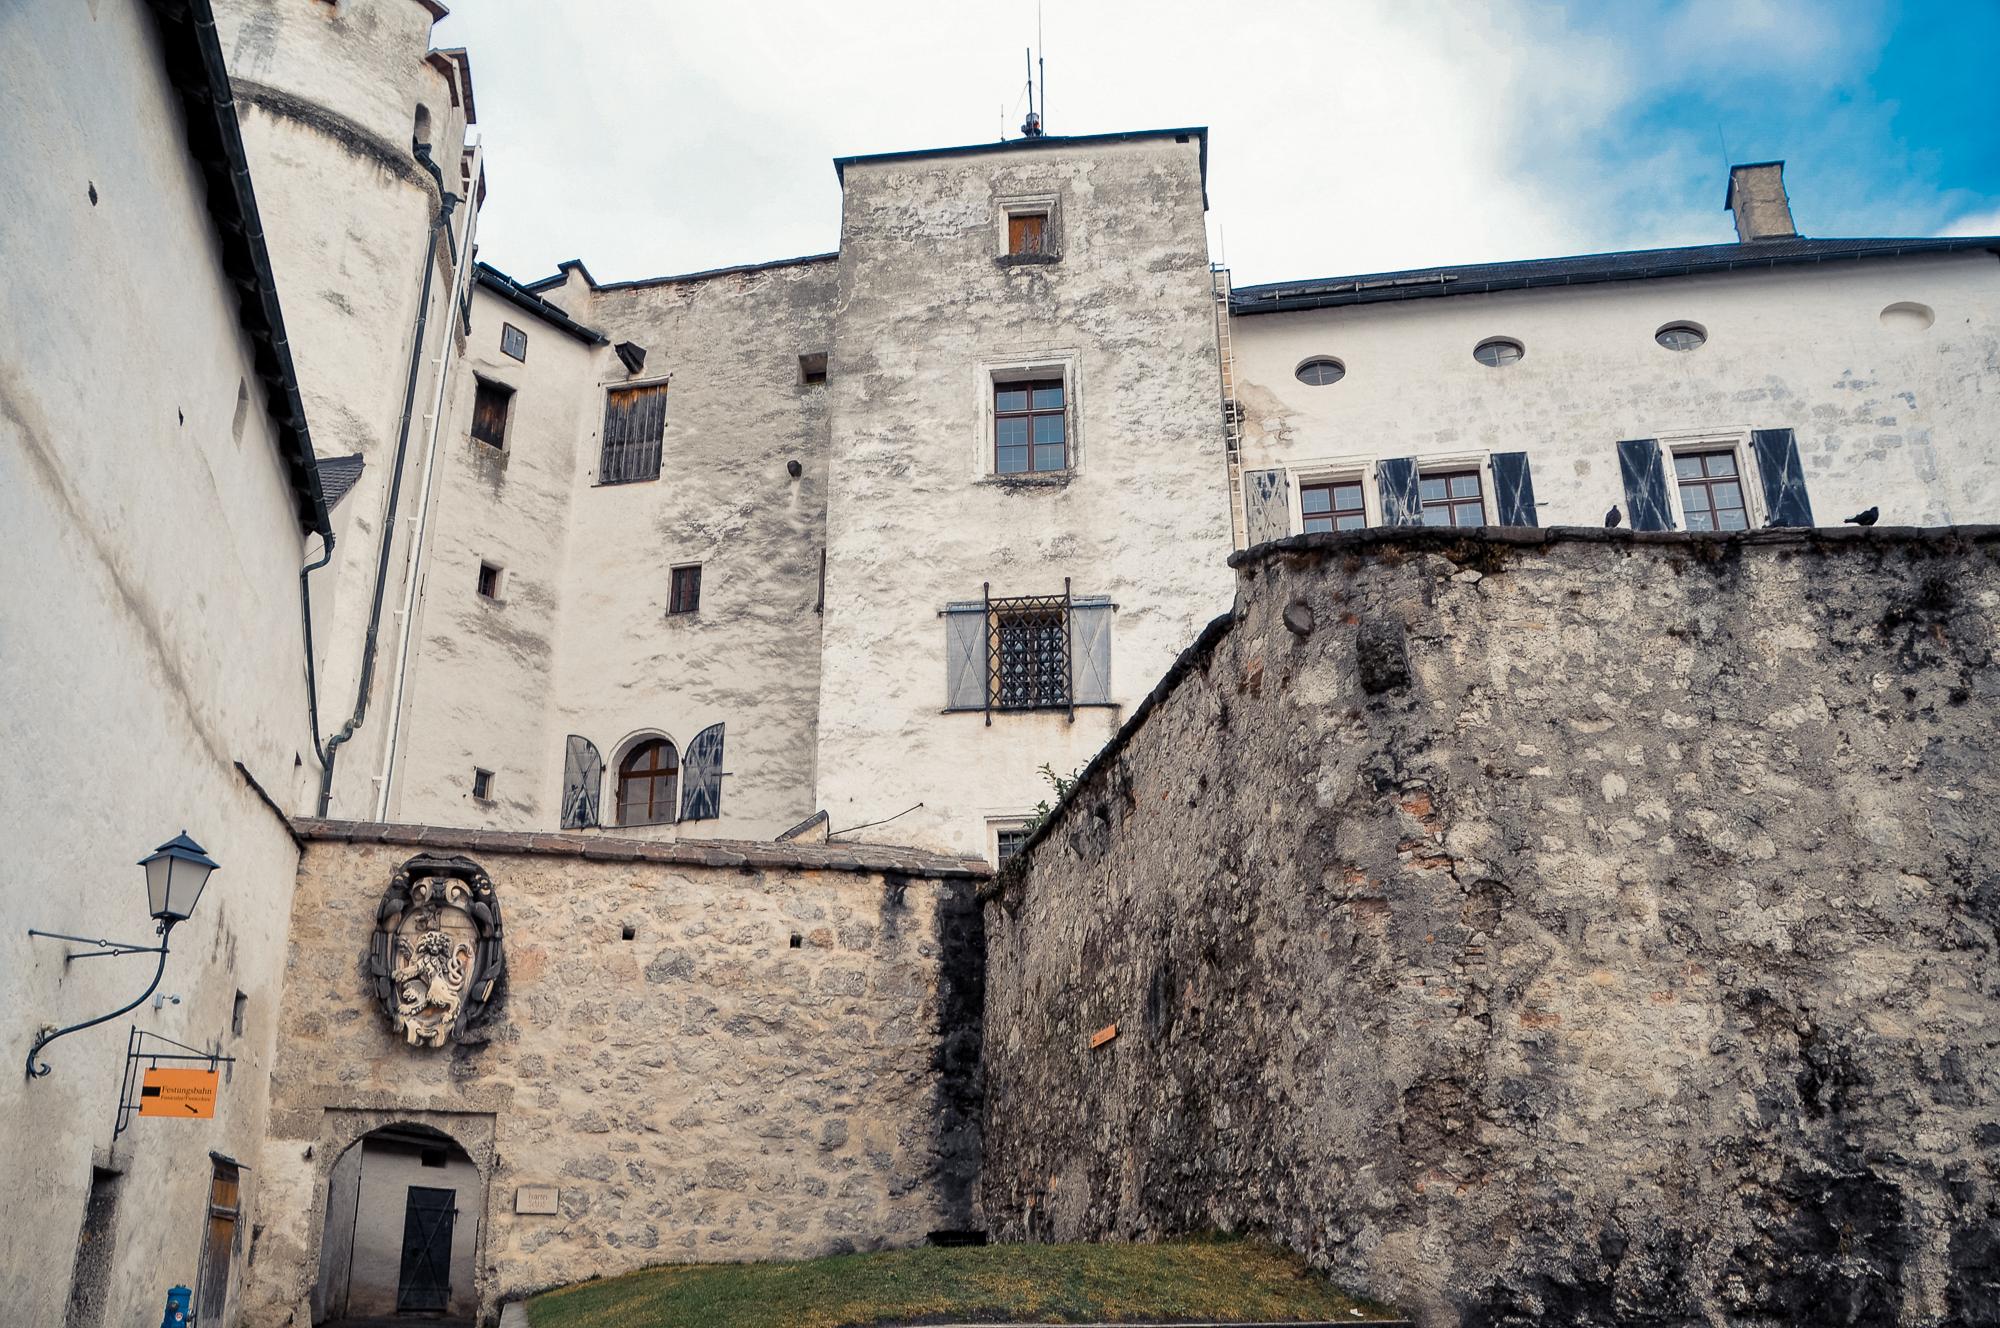 薩爾斯堡要塞